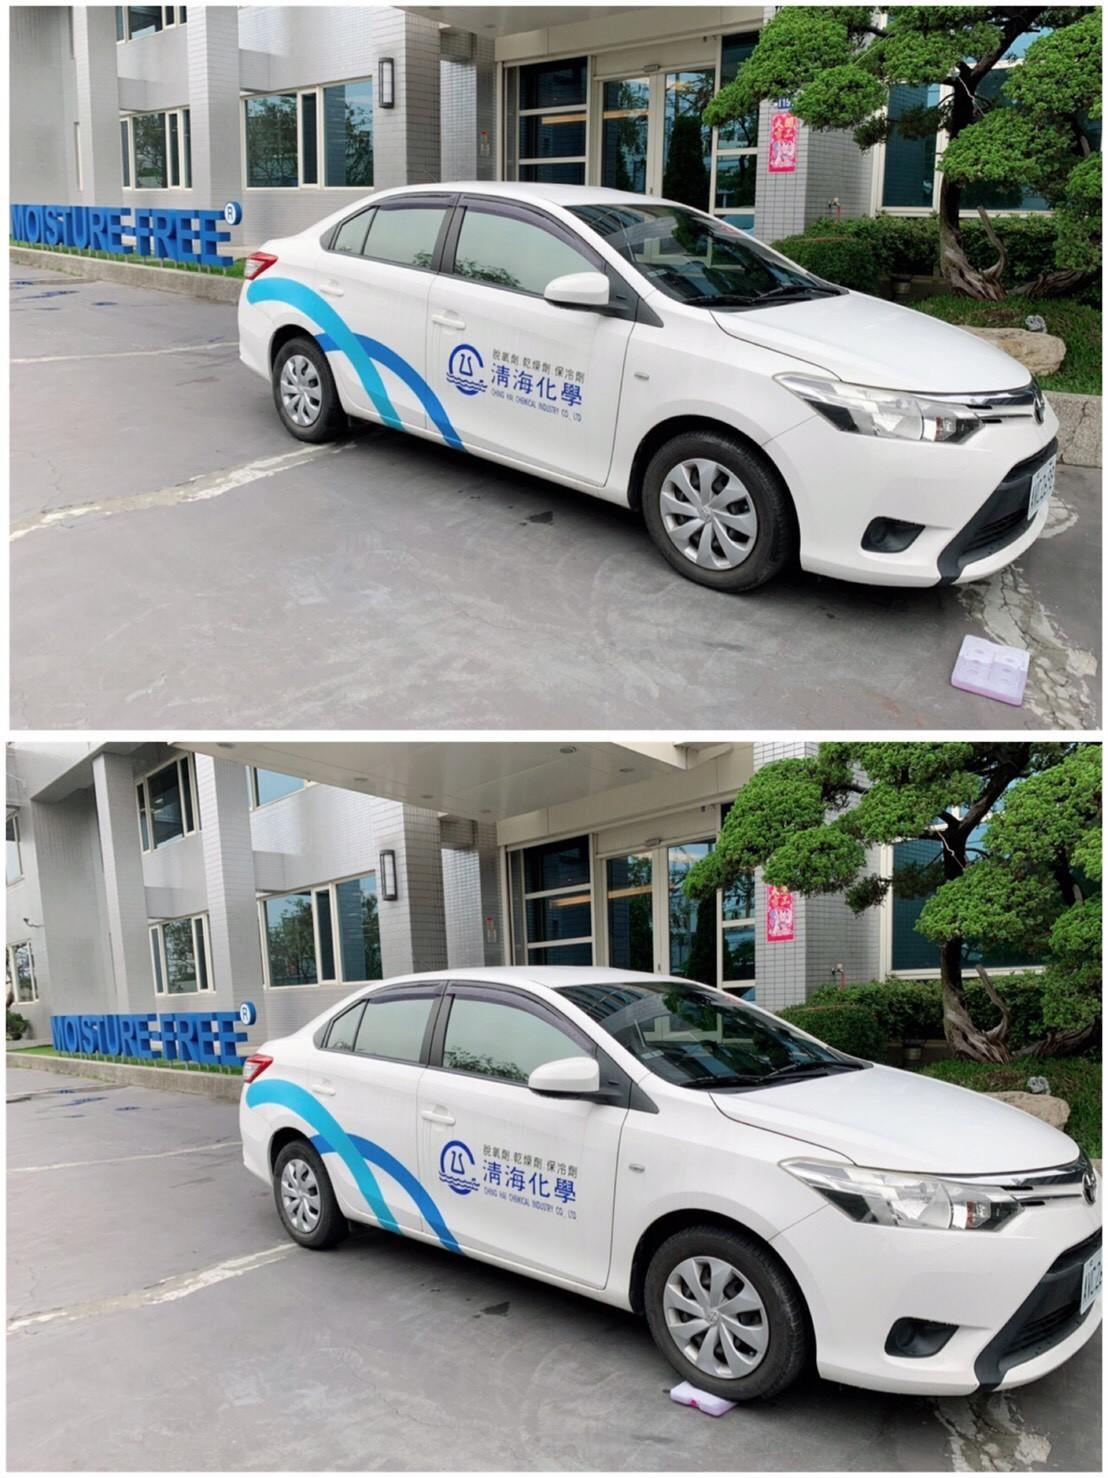 硬殼保冷劑壓力測試-VIOS汽車